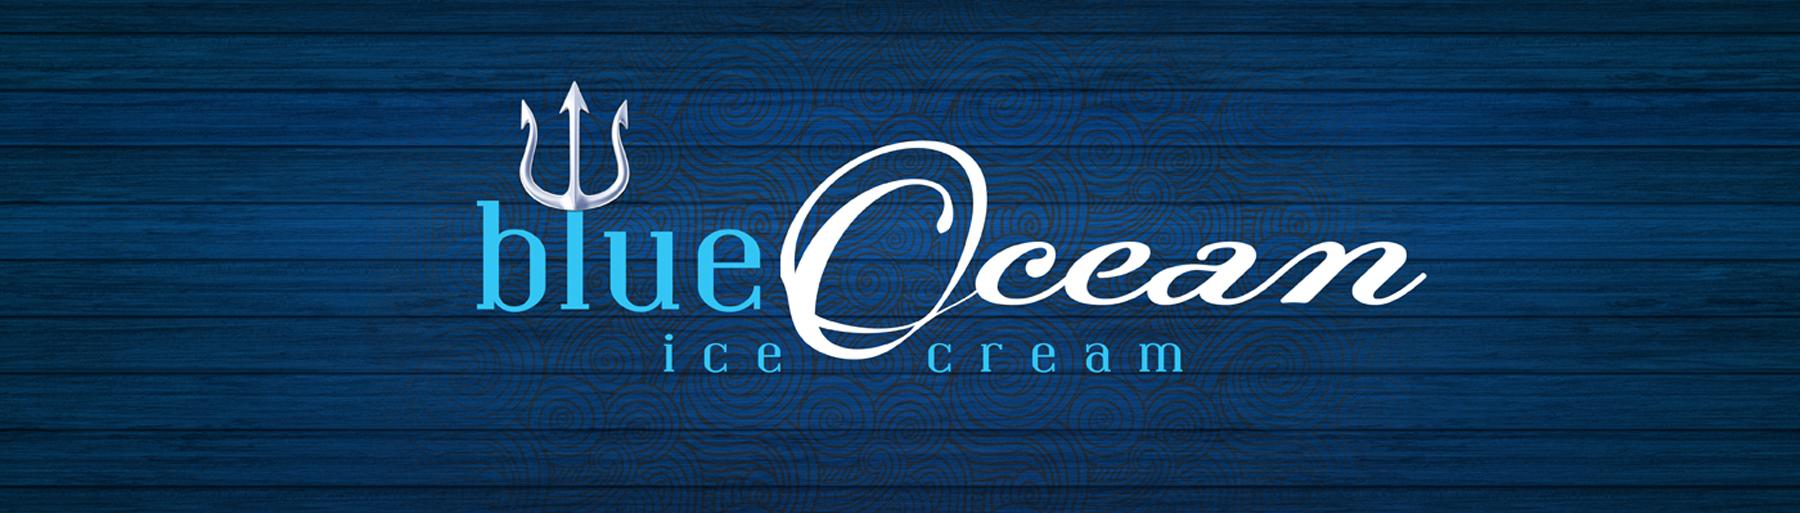 Blue Ocean Ice Cream